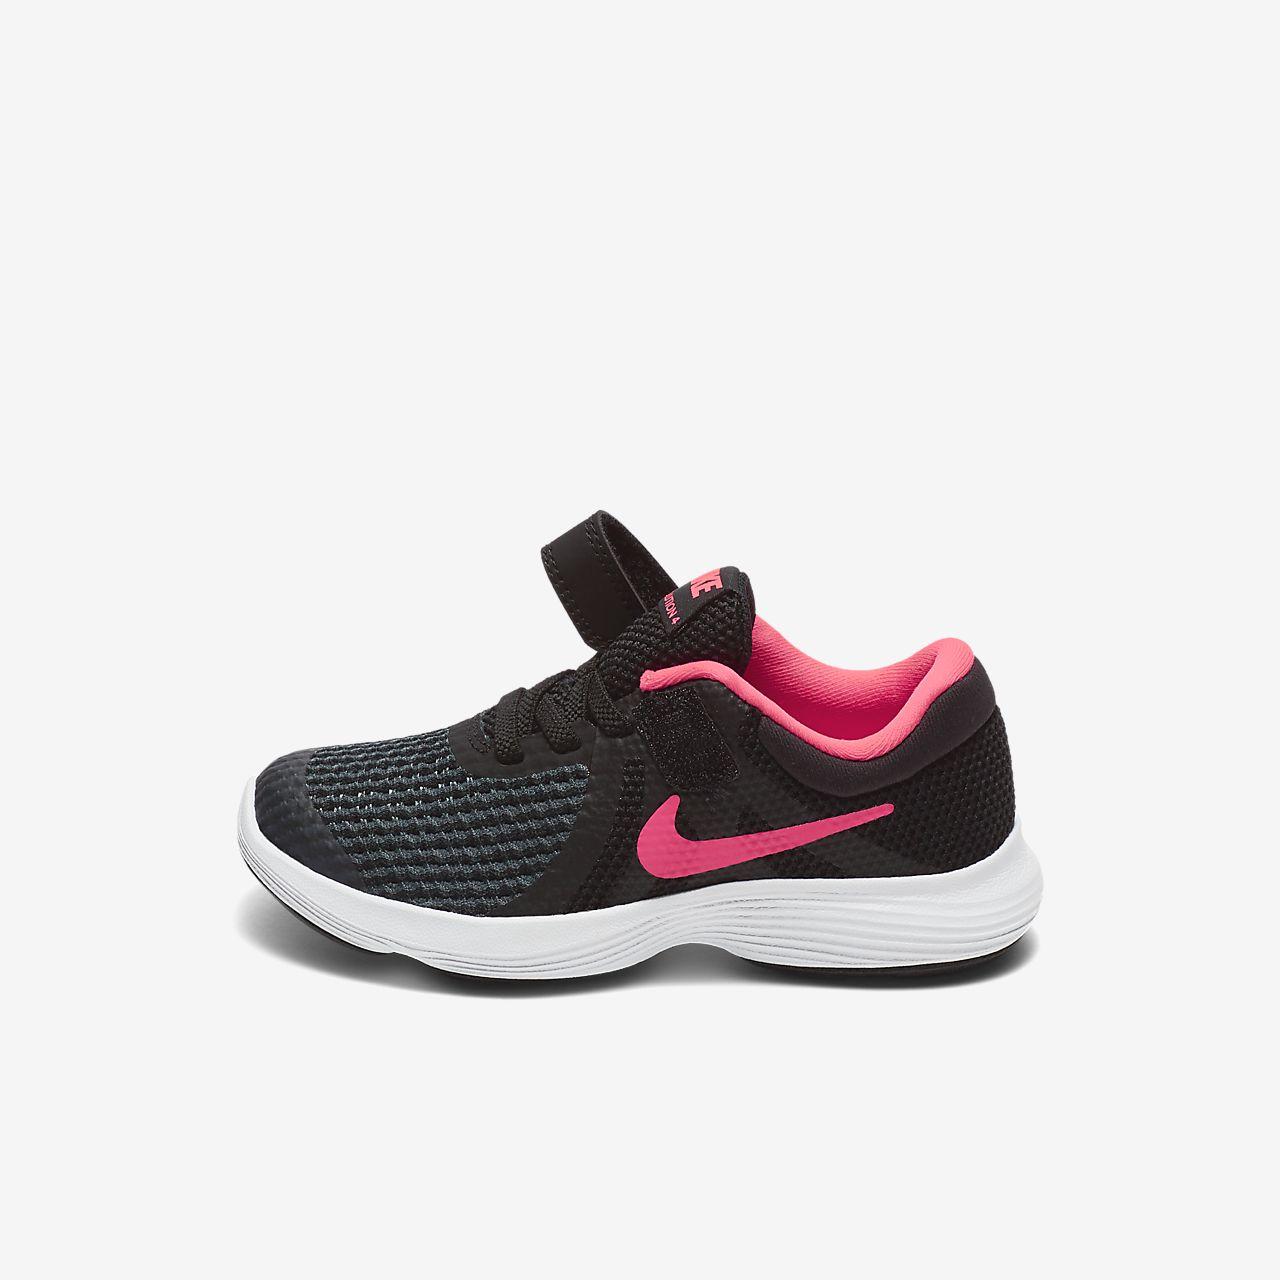 new concept 36d38 14a69 ... Sko Nike Revolution 4 för barn